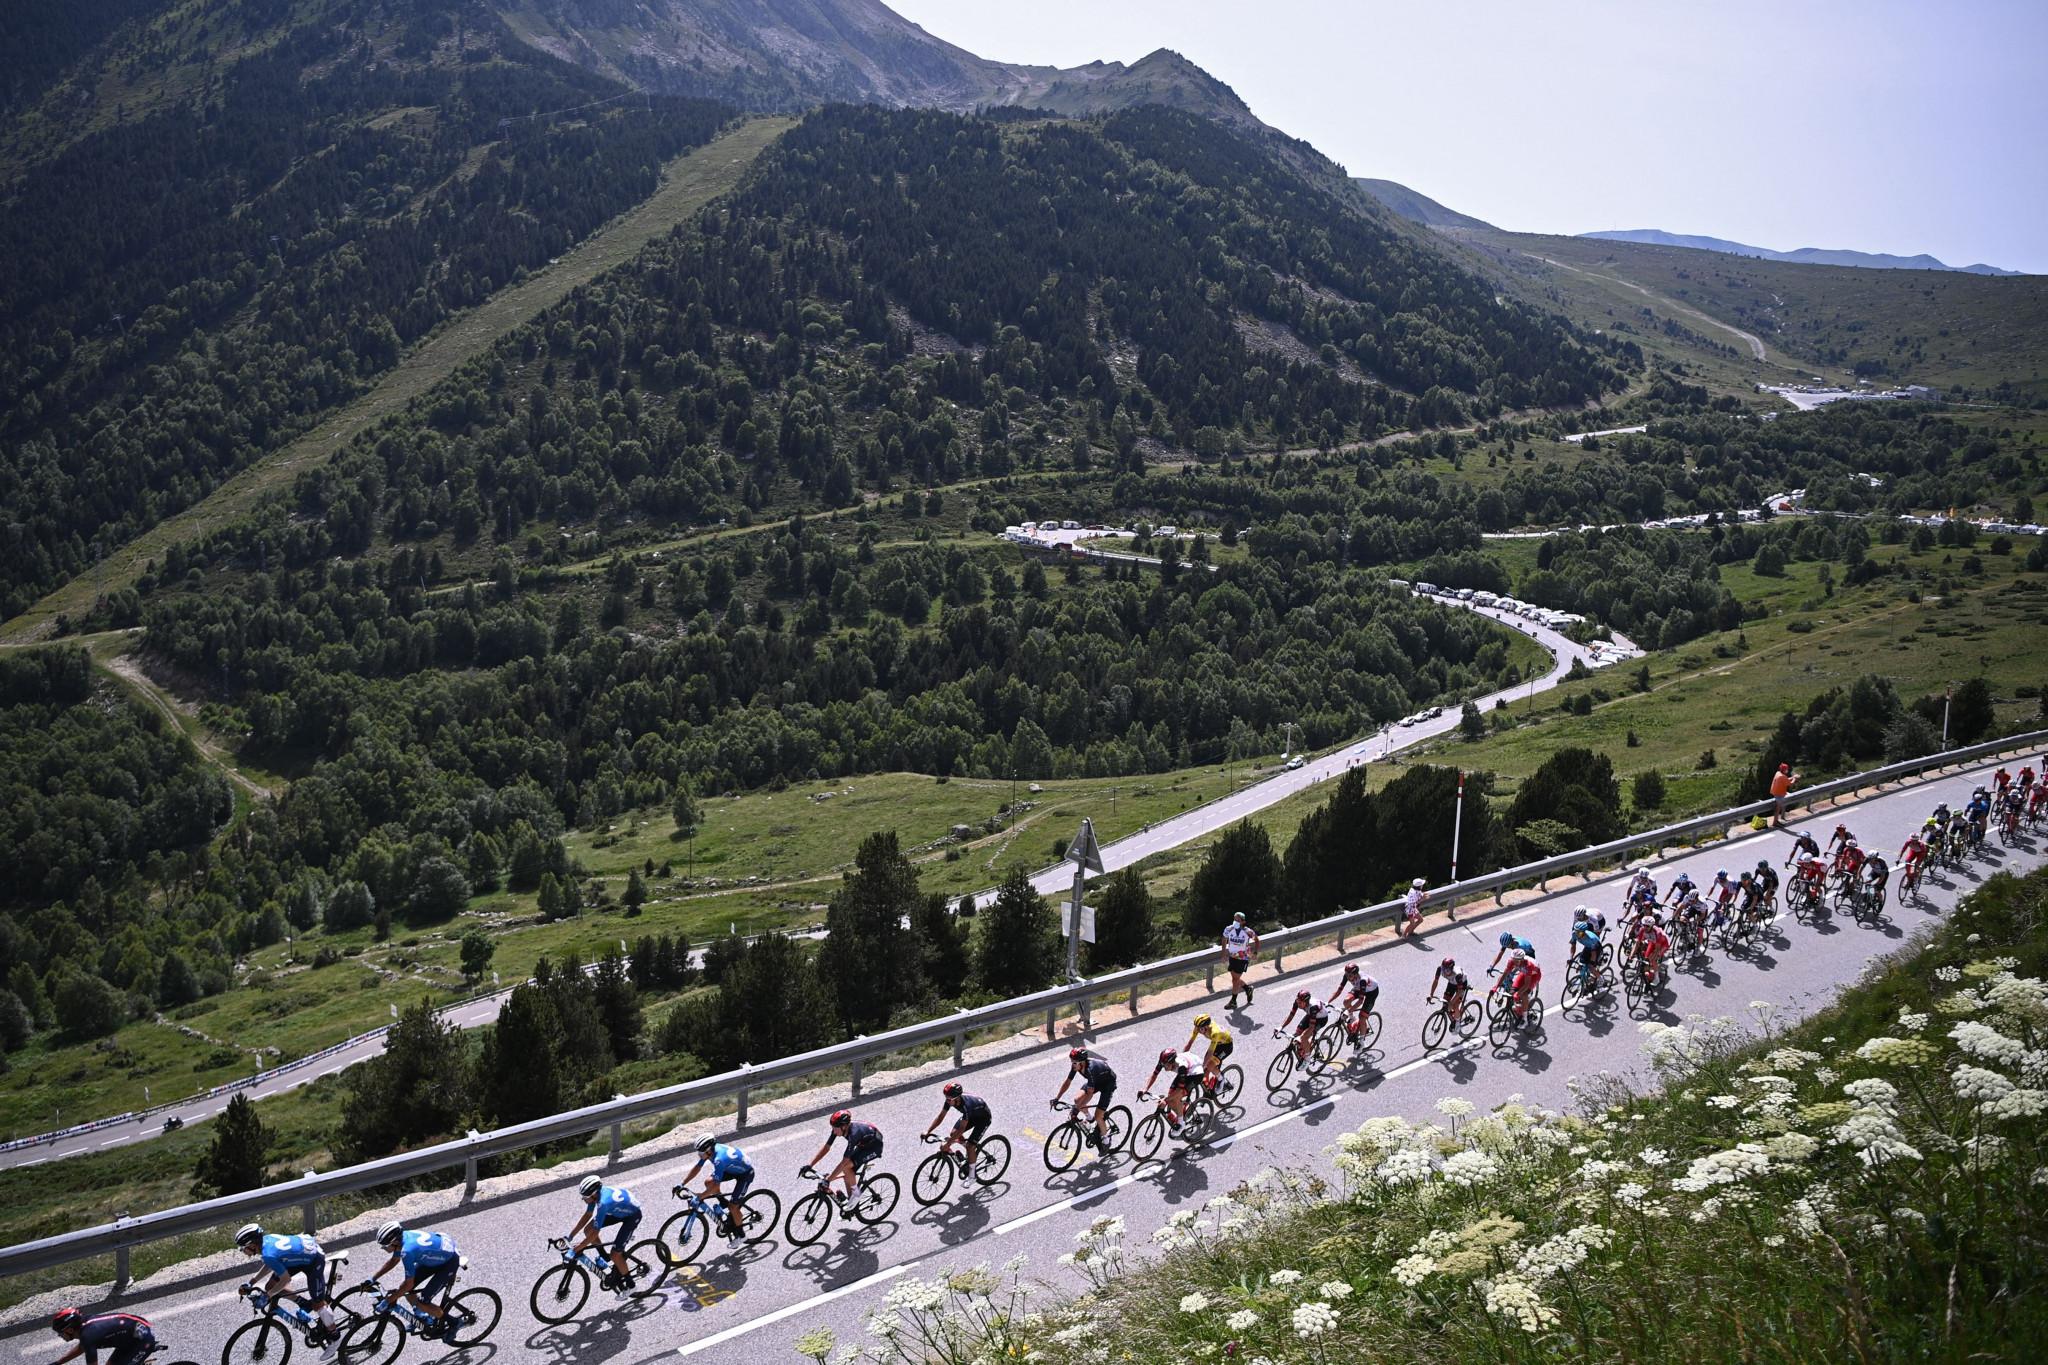 Jusqu'à présent, aucune fraude technique n'a été détectée sur le Tour de France © Getty Images